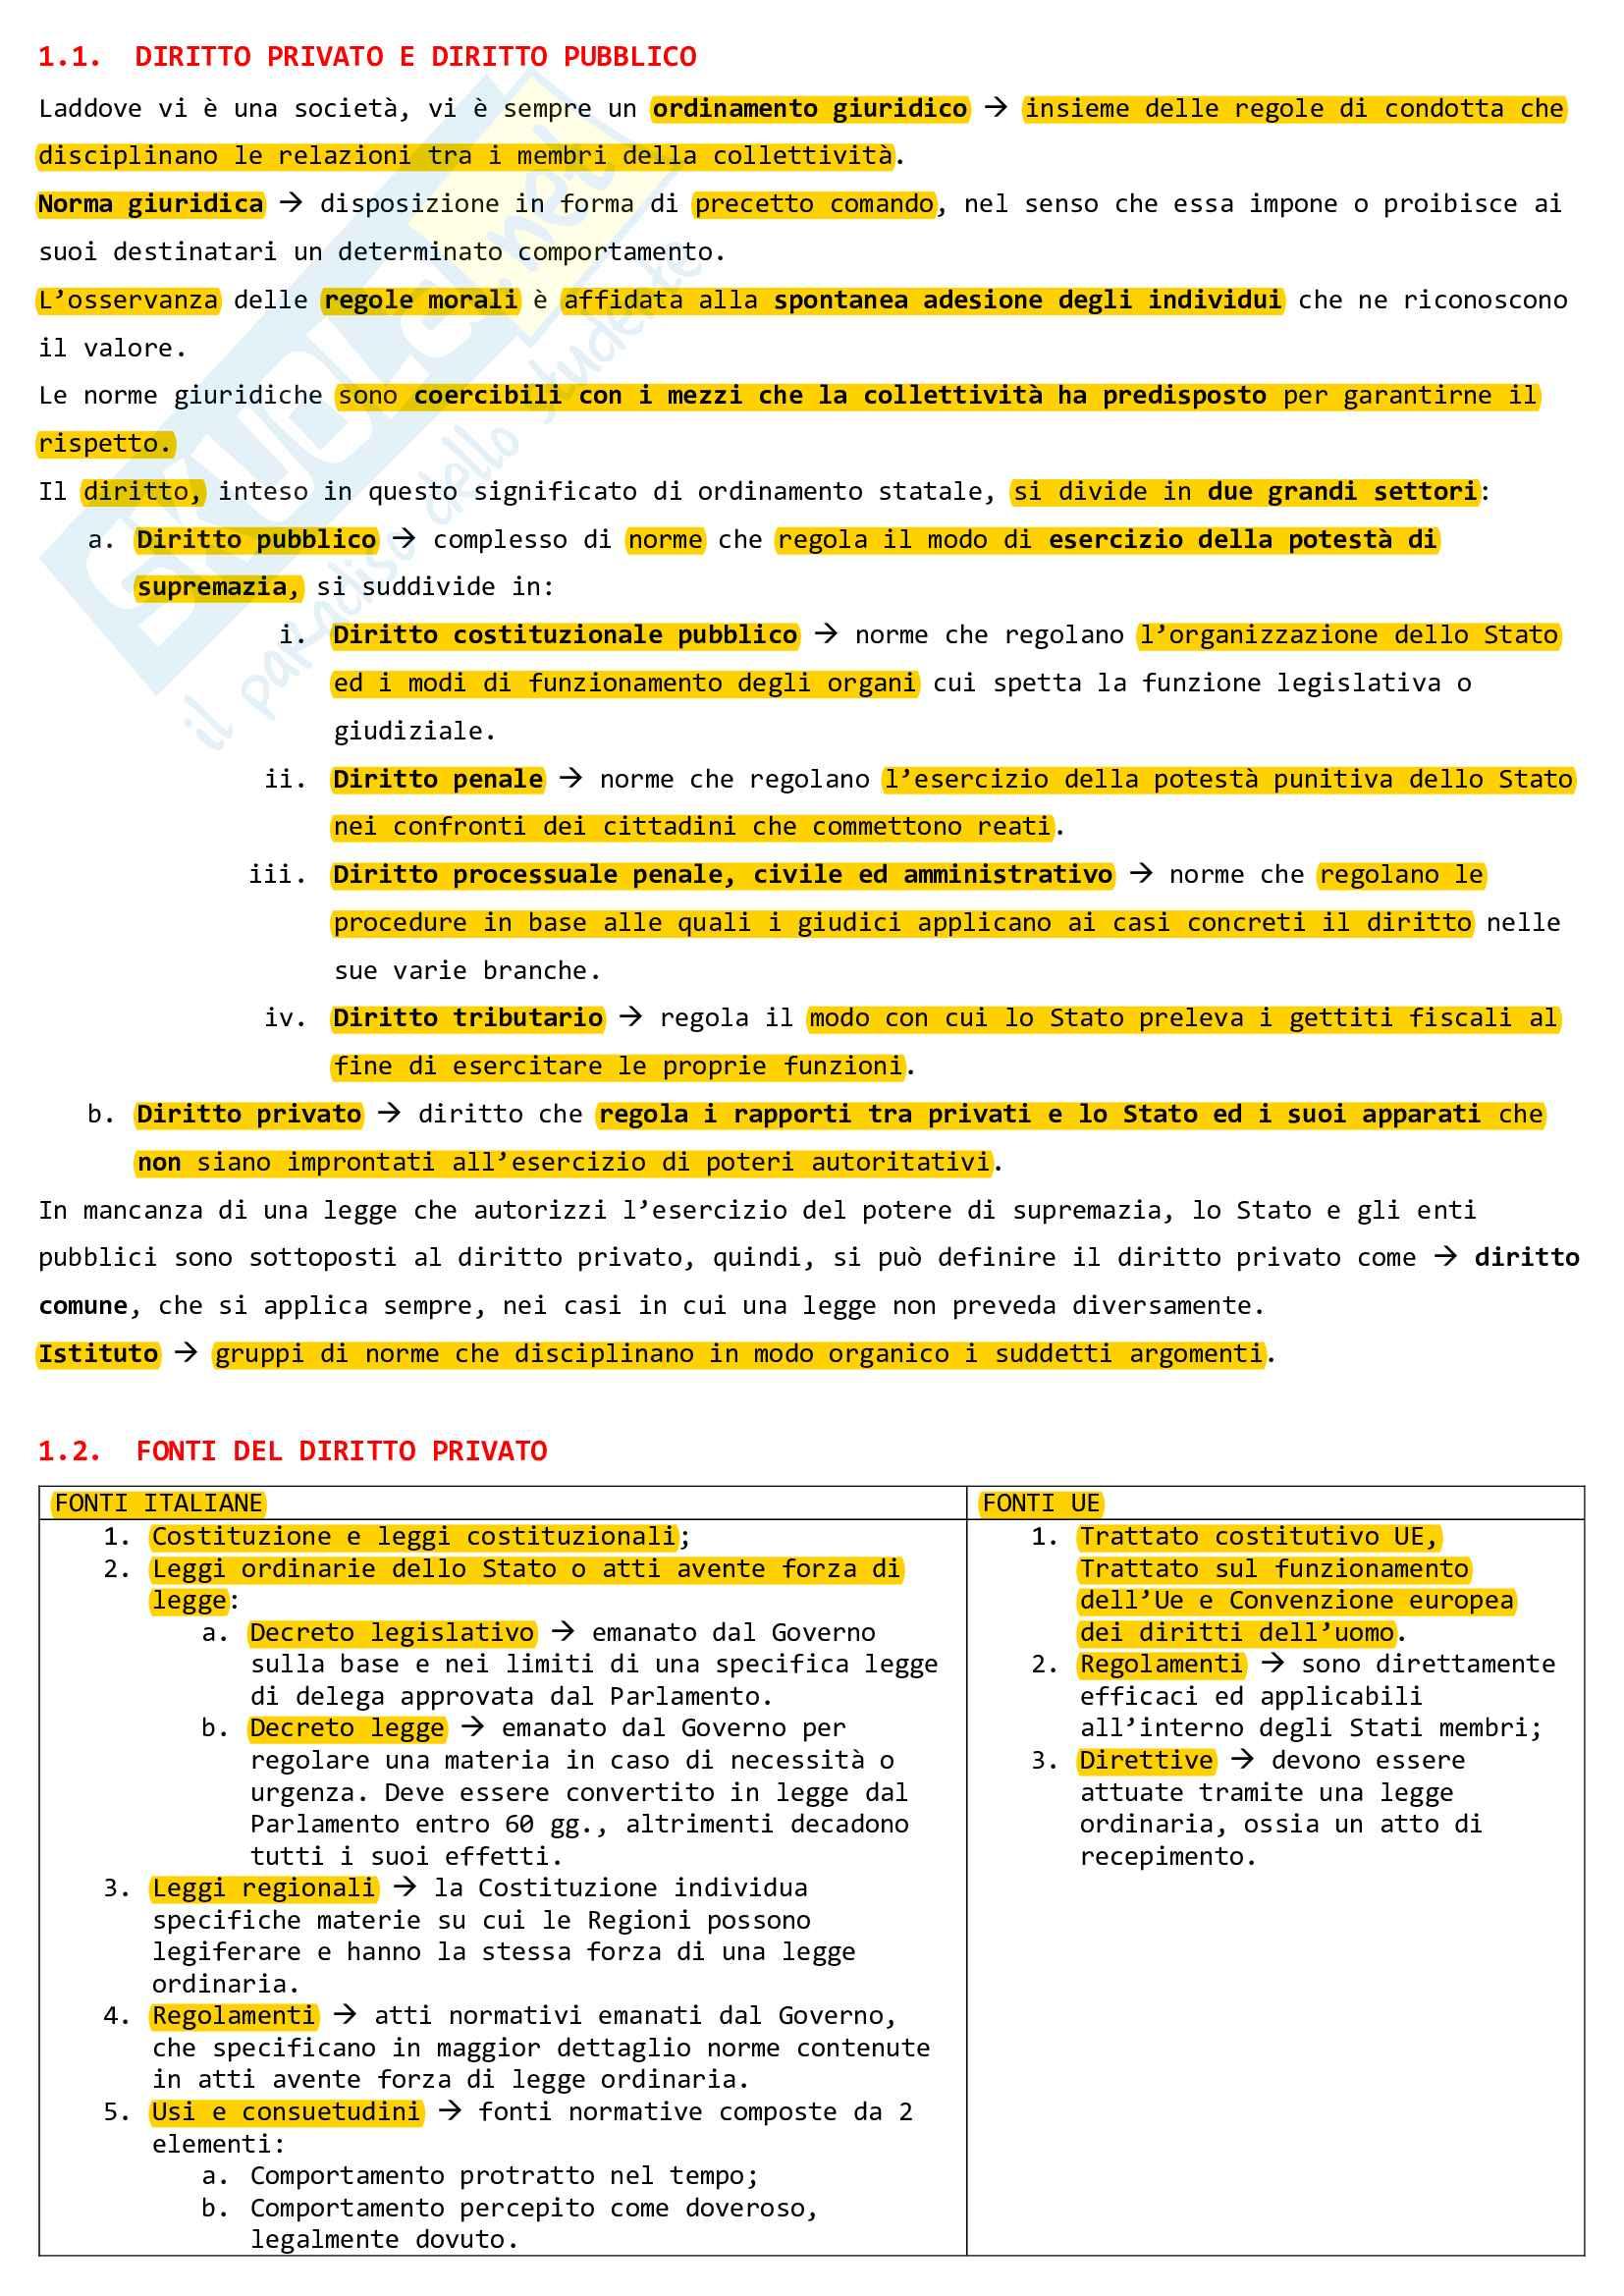 Riassunto esame Diritto Privato, prof. De Franceschi, libro consigliato Nozioni giuridiche fondamentali, Visintini